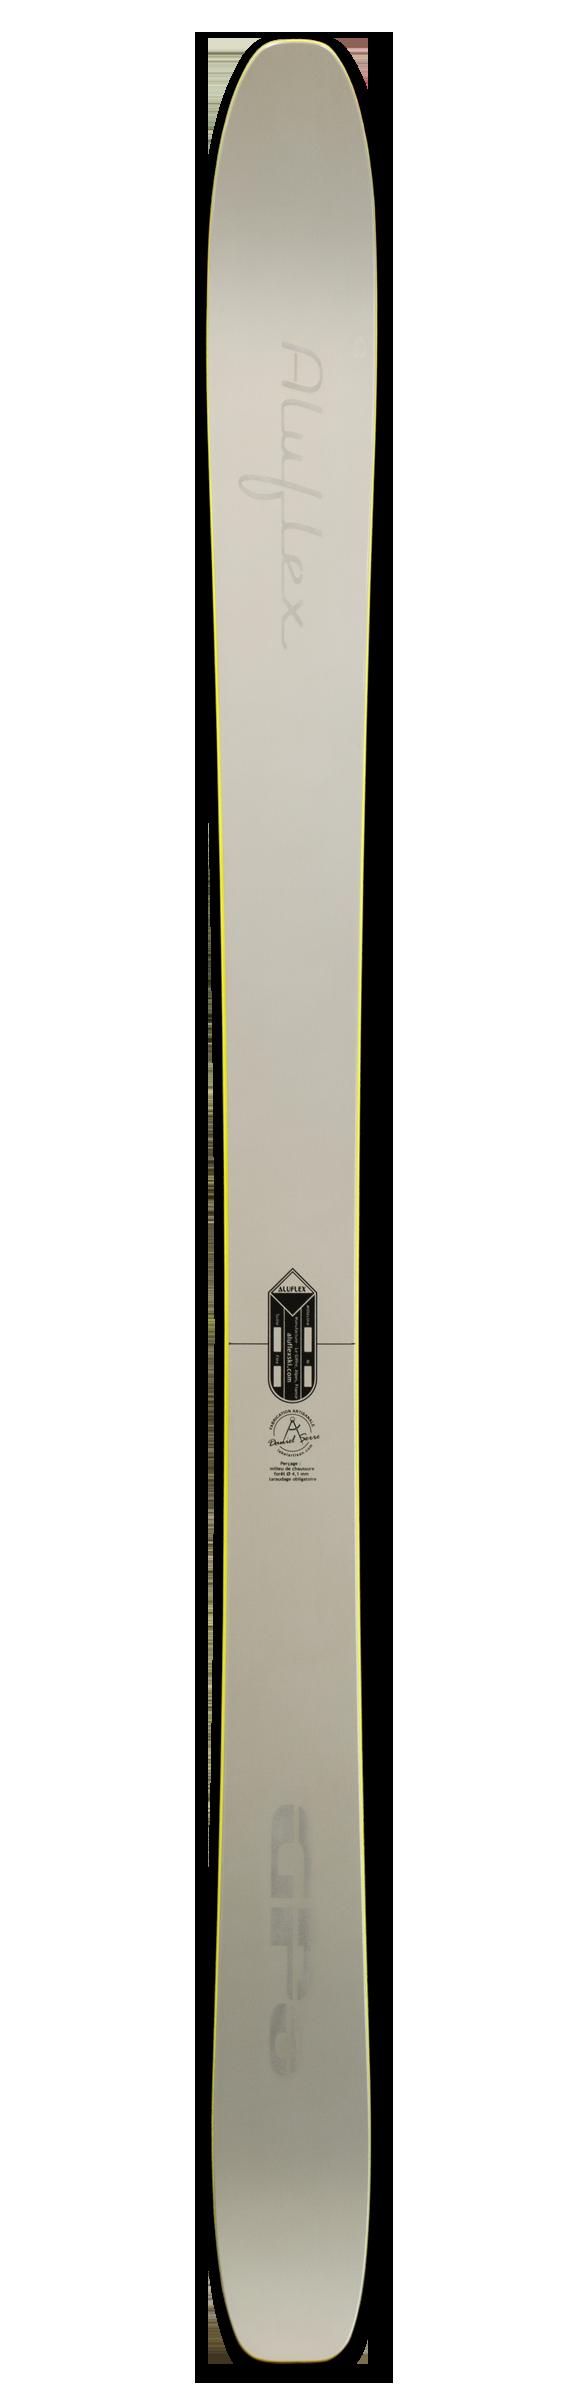 Ski Aluflex GPO